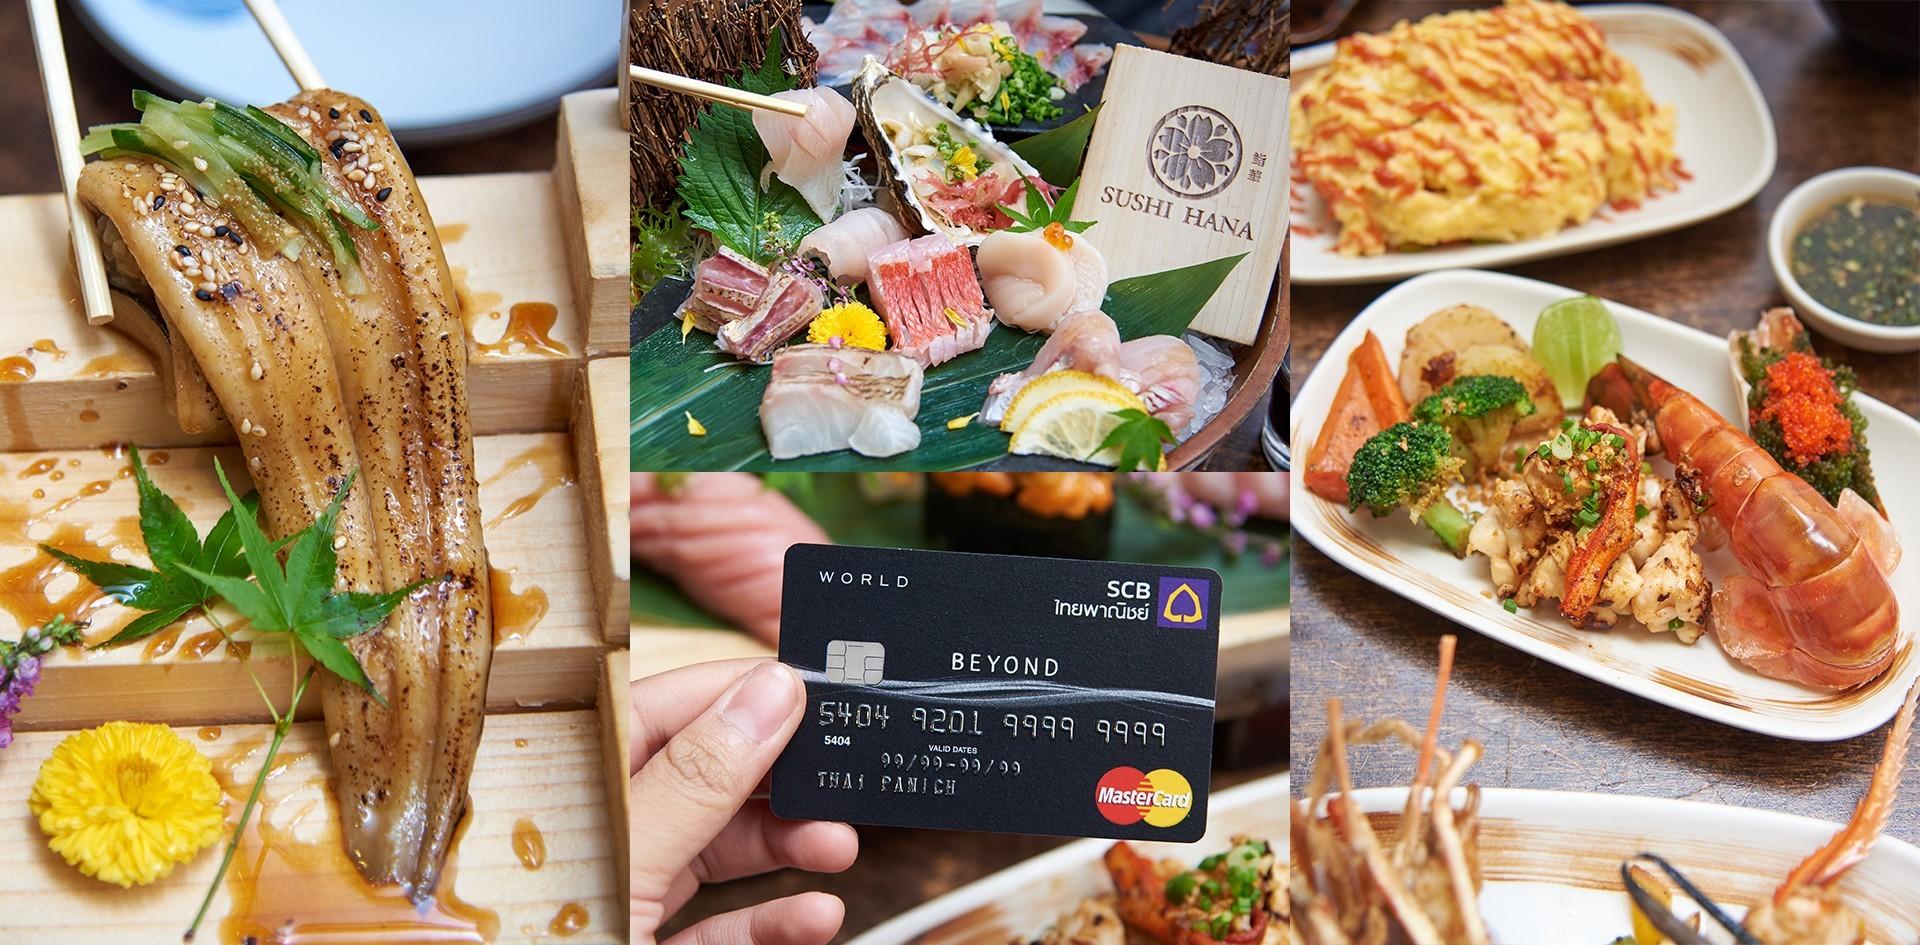 สดราวกับยังมีชีวิต! ซูชิพรีเมียมจากท้องทะเลญี่ปุ่นที่ร้าน Sushi Hana